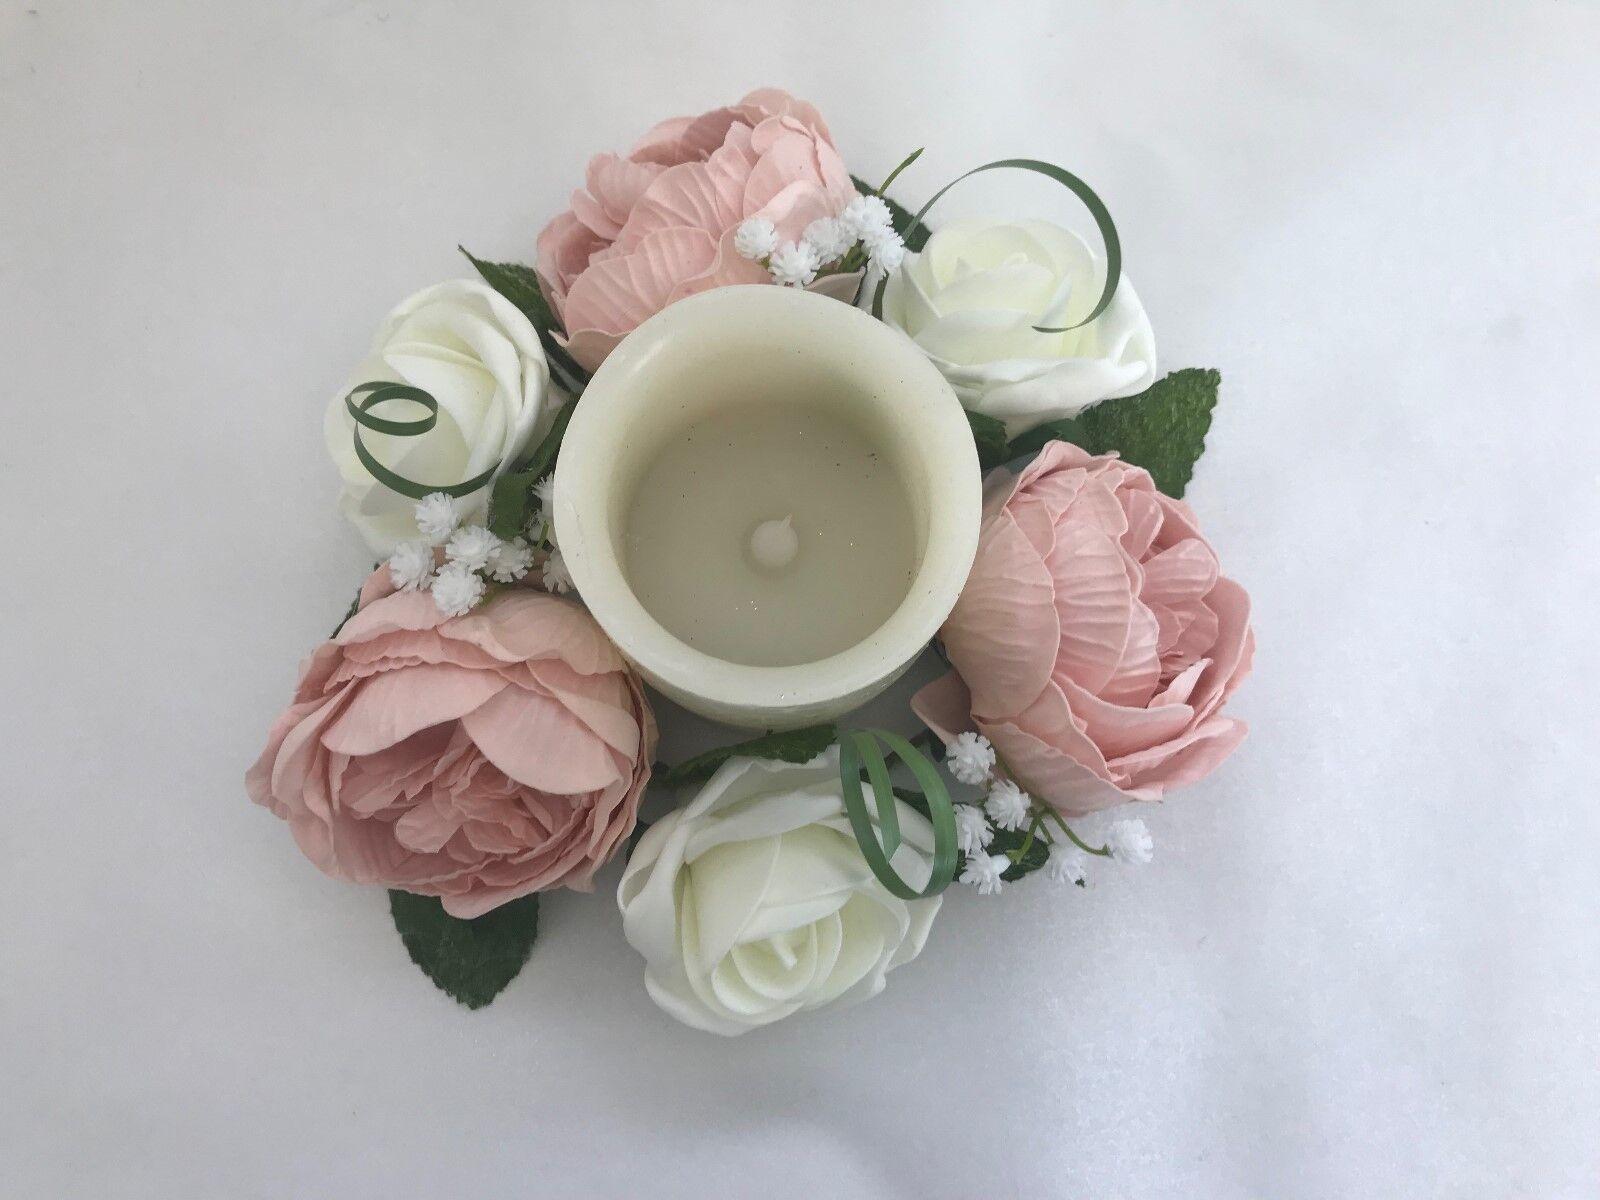 Bouquet Sposa Fiori Avorio rosa asole Peonia Posy SPOSE BACCHETTE asole rosa rosa fbb152